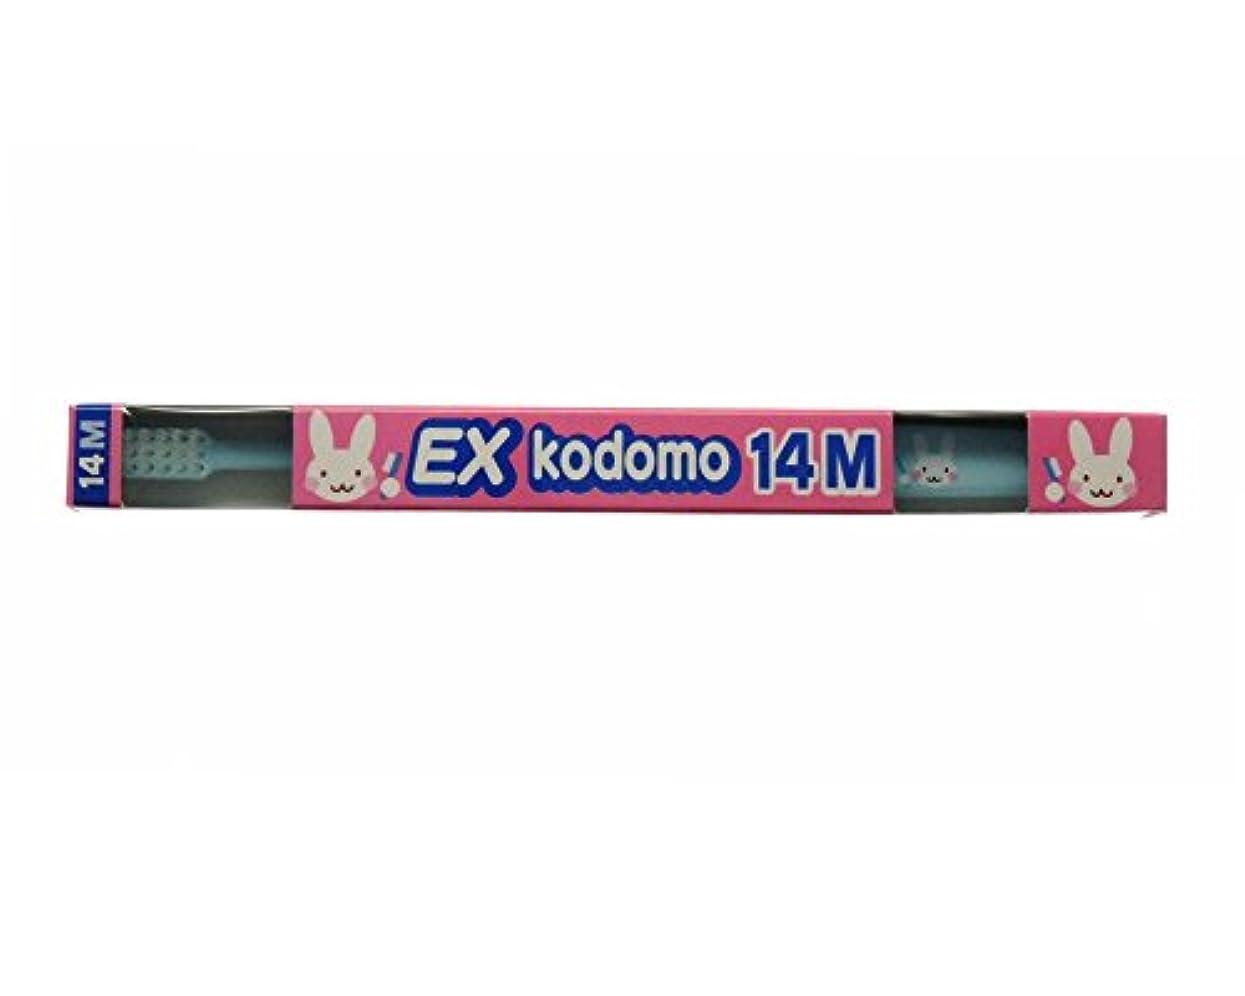 デンマーク語造船ワゴンライオン コドモ DENT.EX kodomo 1本 14M ブルー (仕上げ磨き用?0?6歳)